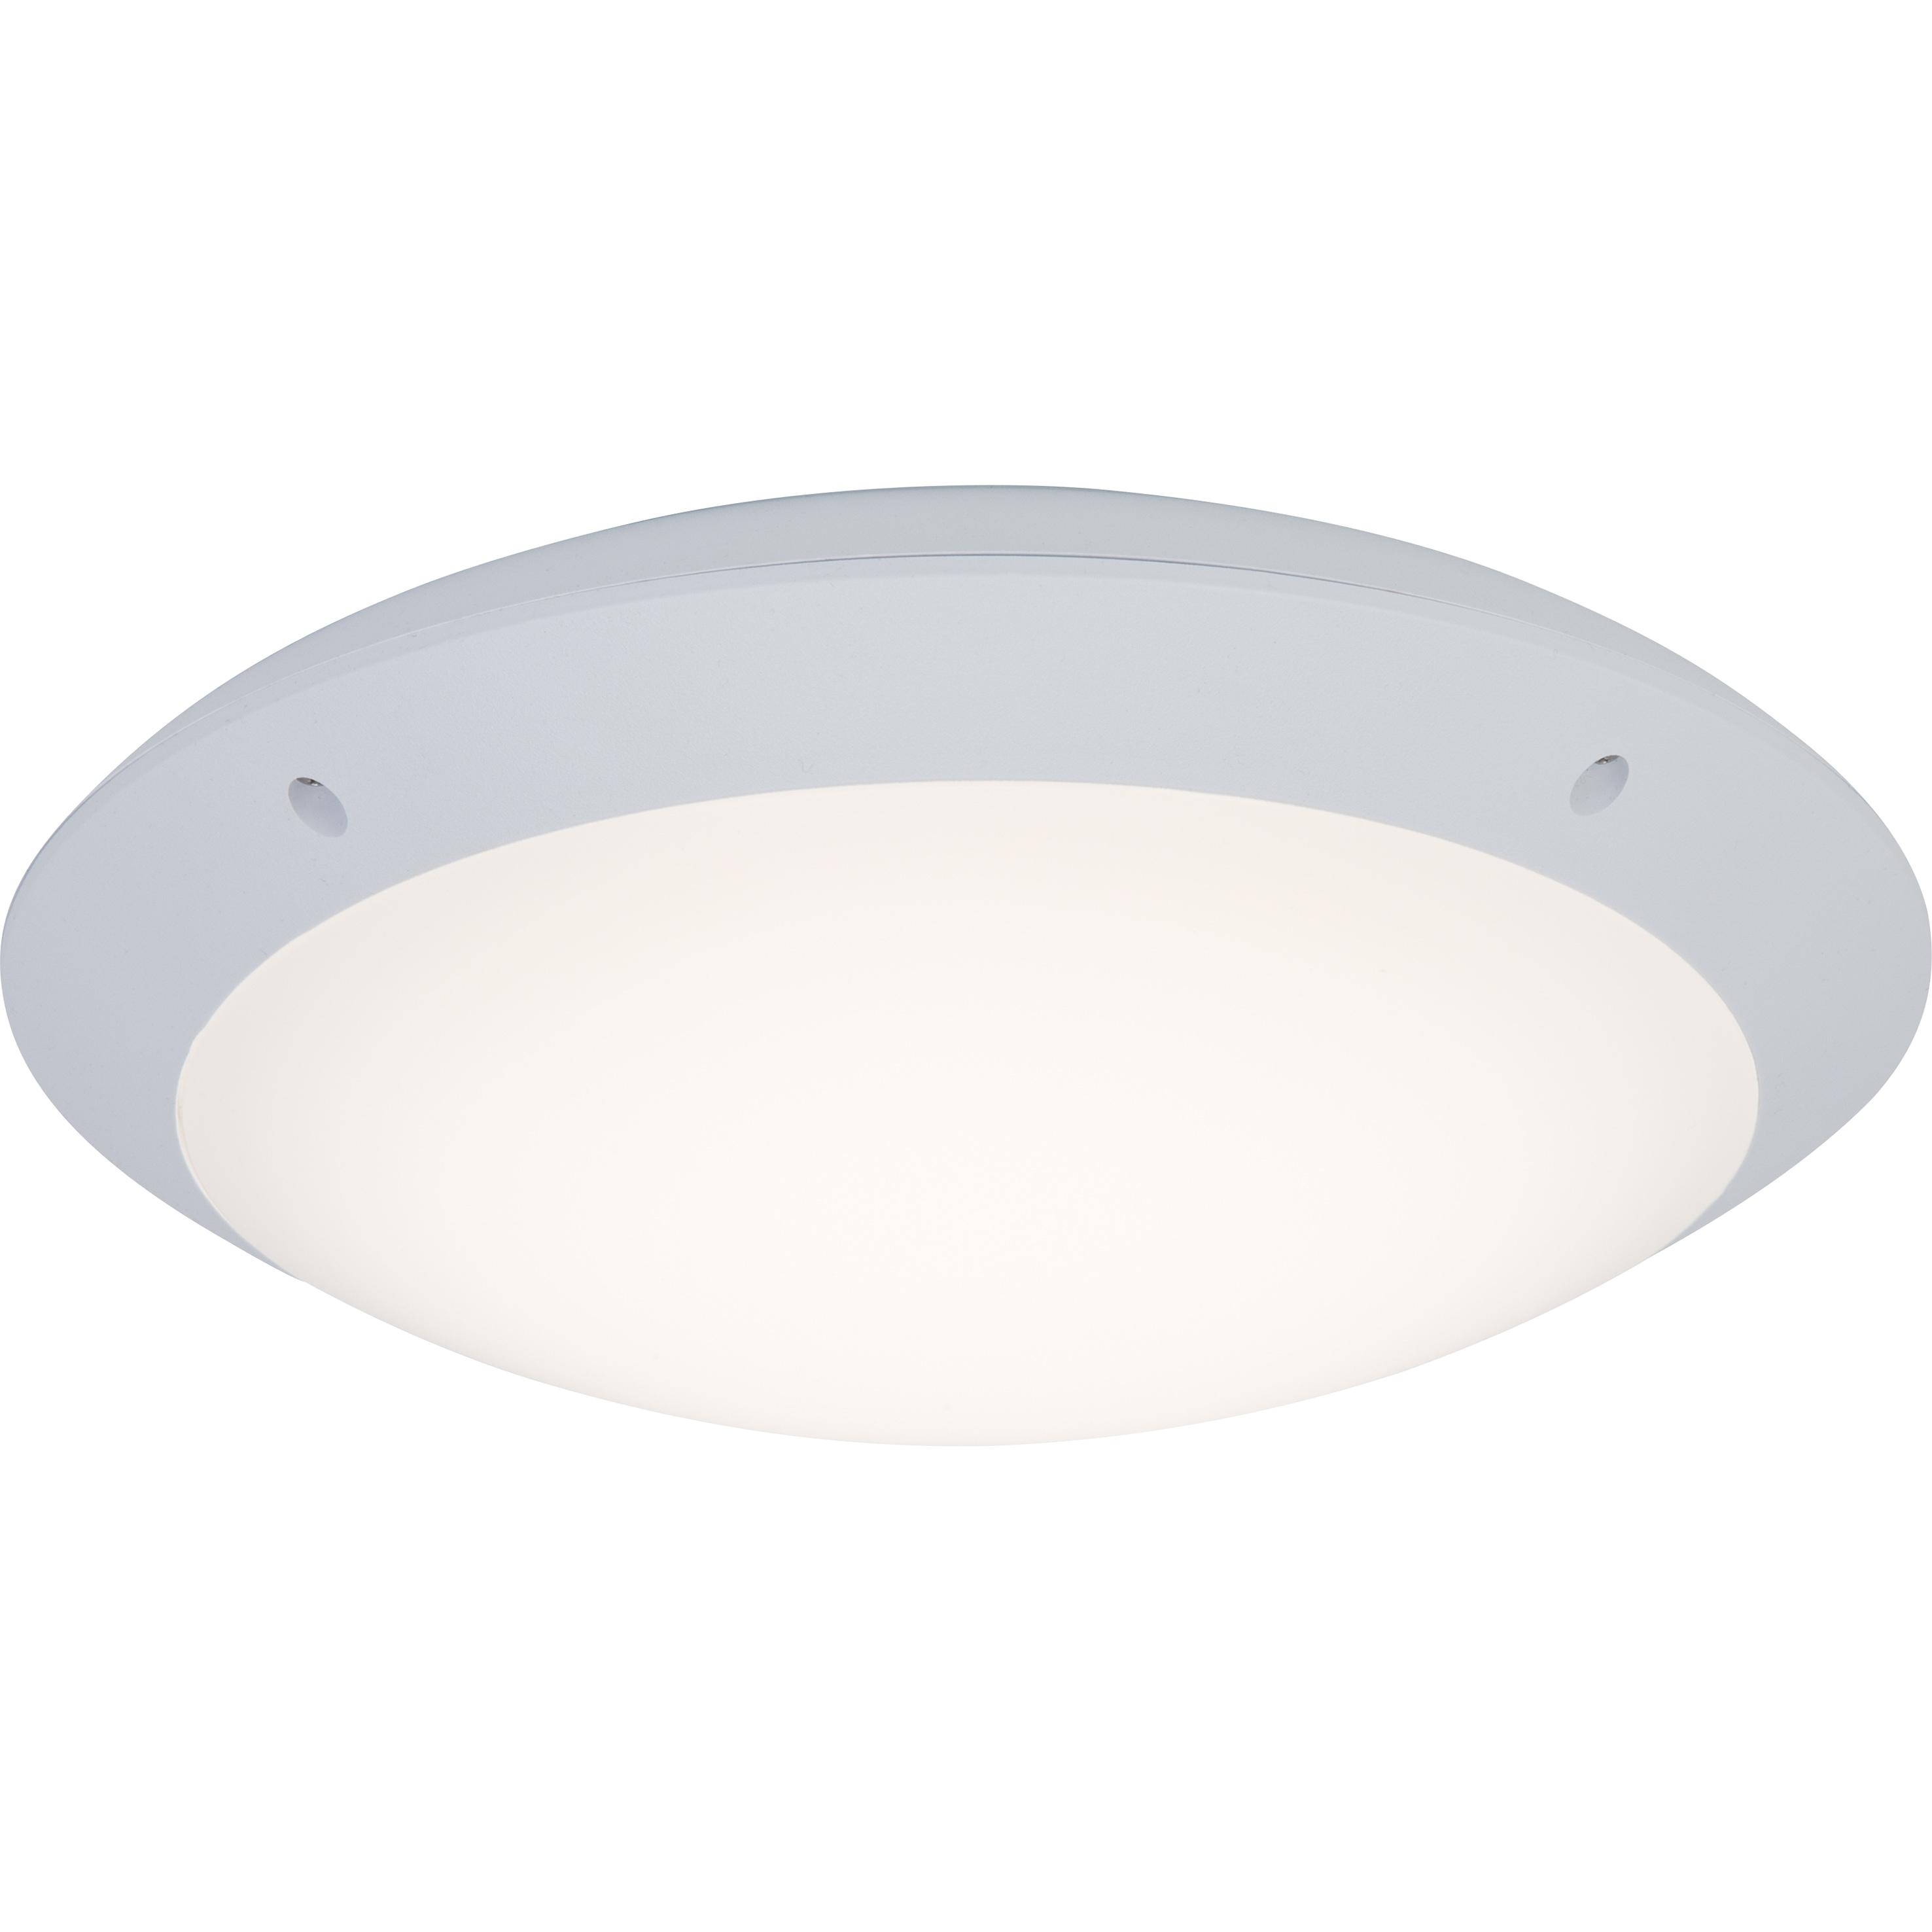 Brilliant Leuchten Medway LED Außenwand- und Deckenleuchte 31cm weiß